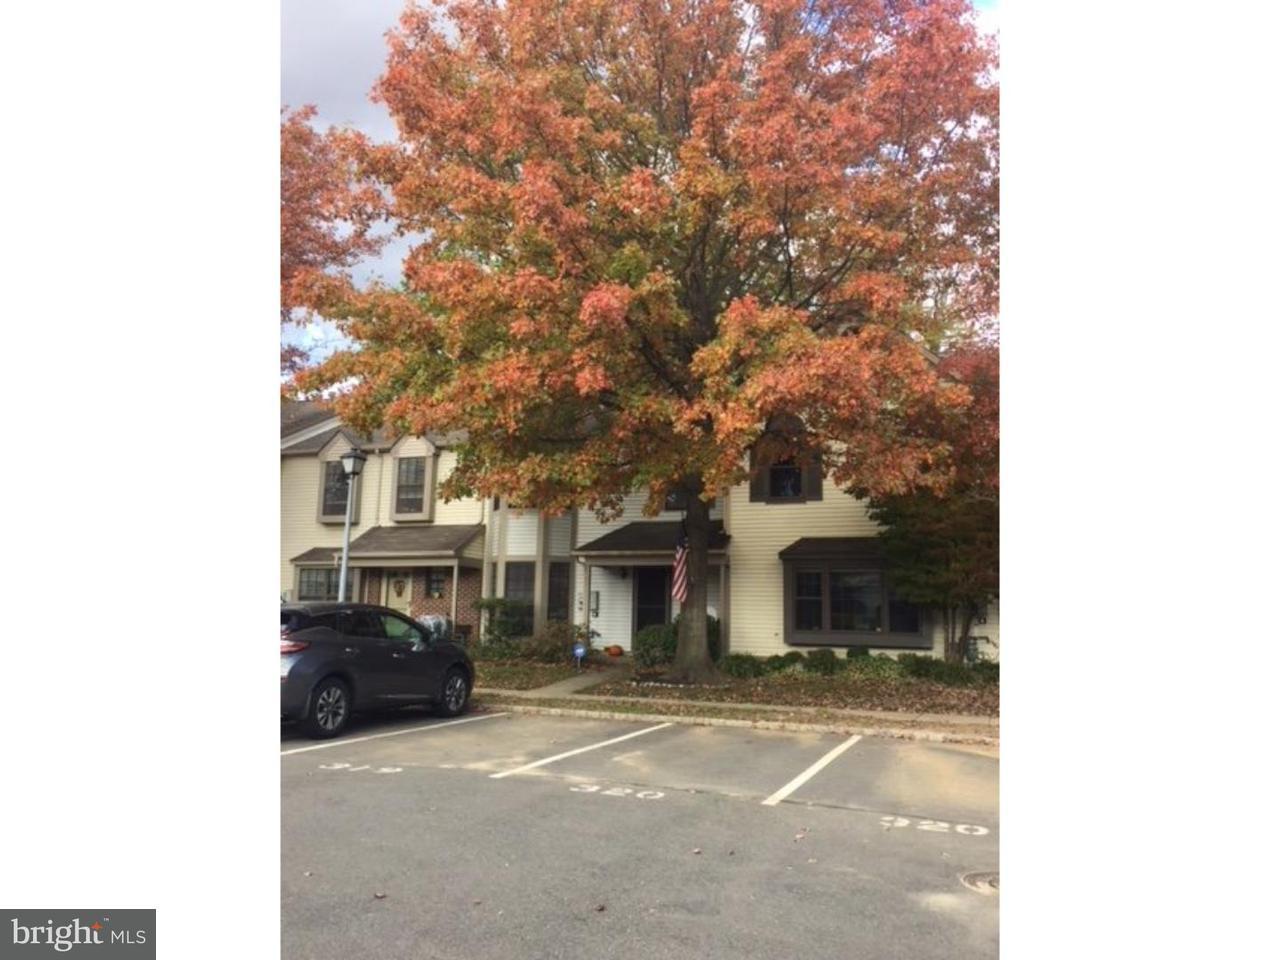 Casa unifamiliar adosada (Townhouse) por un Alquiler en 19 CARLYLE Court Robbinsville, Nueva Jersey 08691 Estados UnidosEn/Alrededor: Robbinsville Township